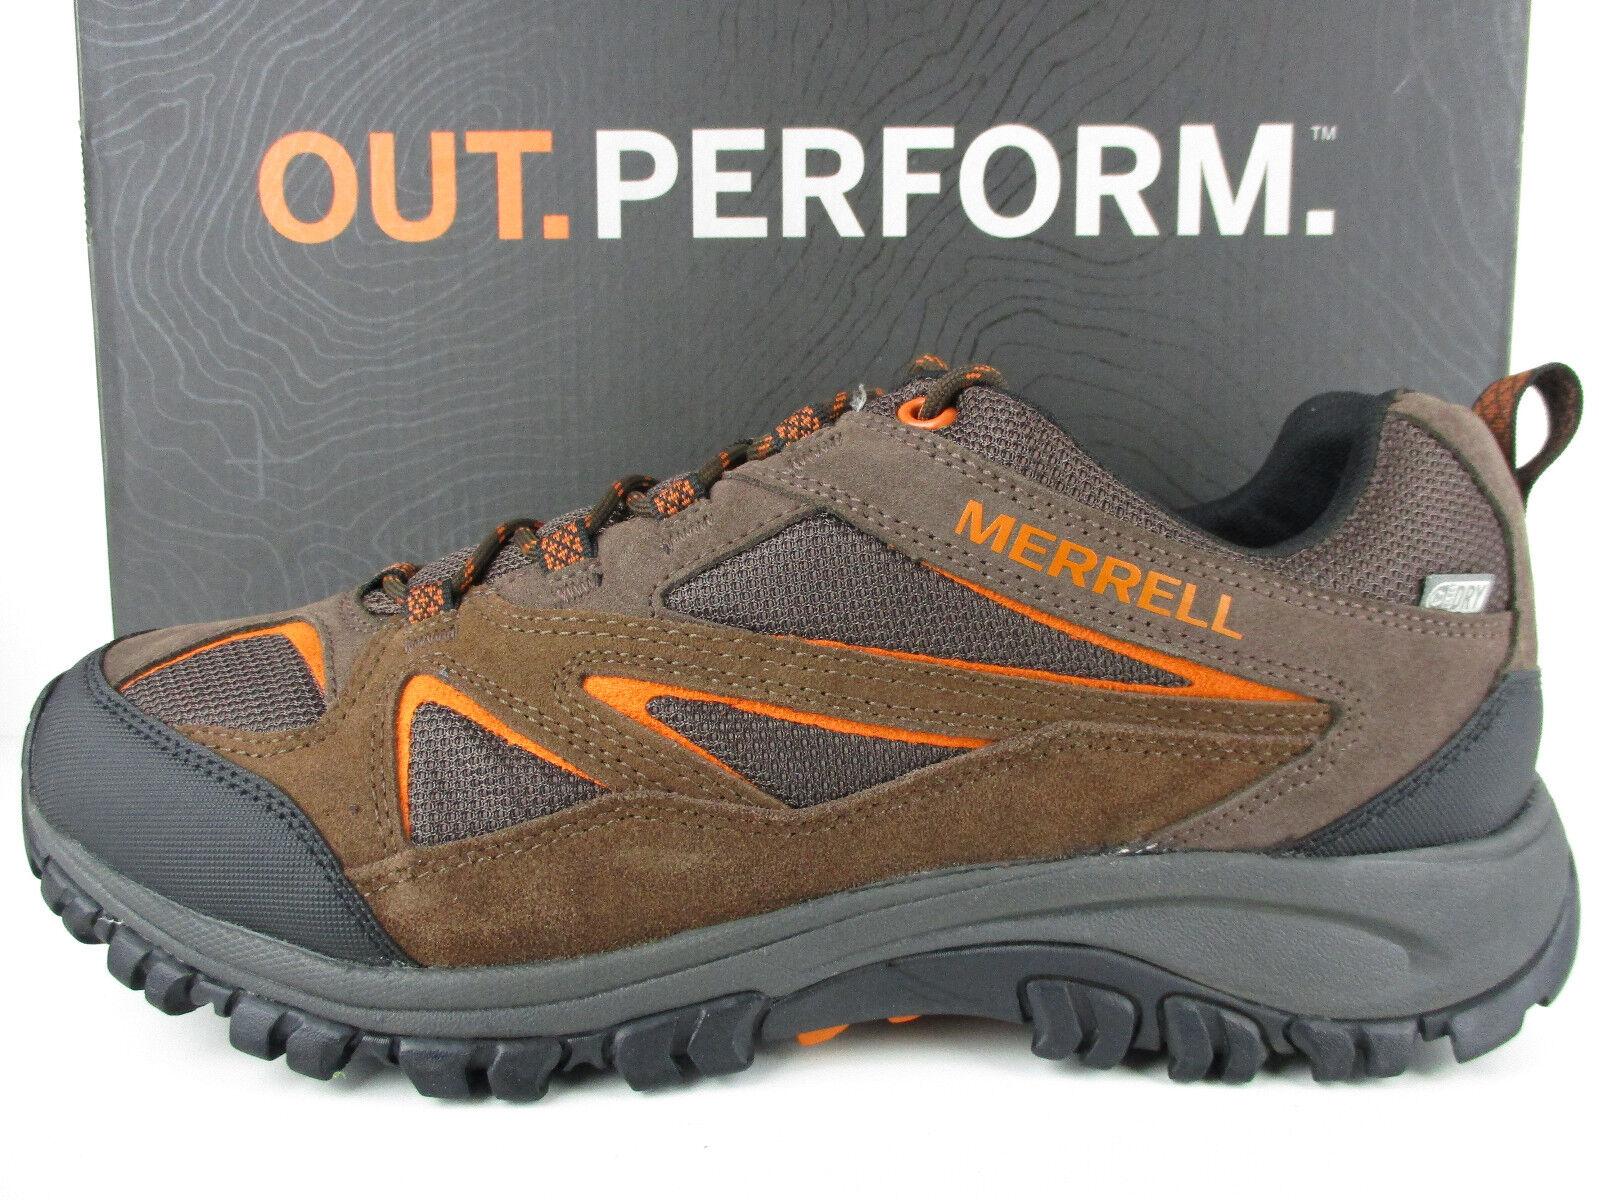 Merrell Phoenix azulff J35629 Para Hombre Zapato Senderismo Impermeable muy bonito seminuevo